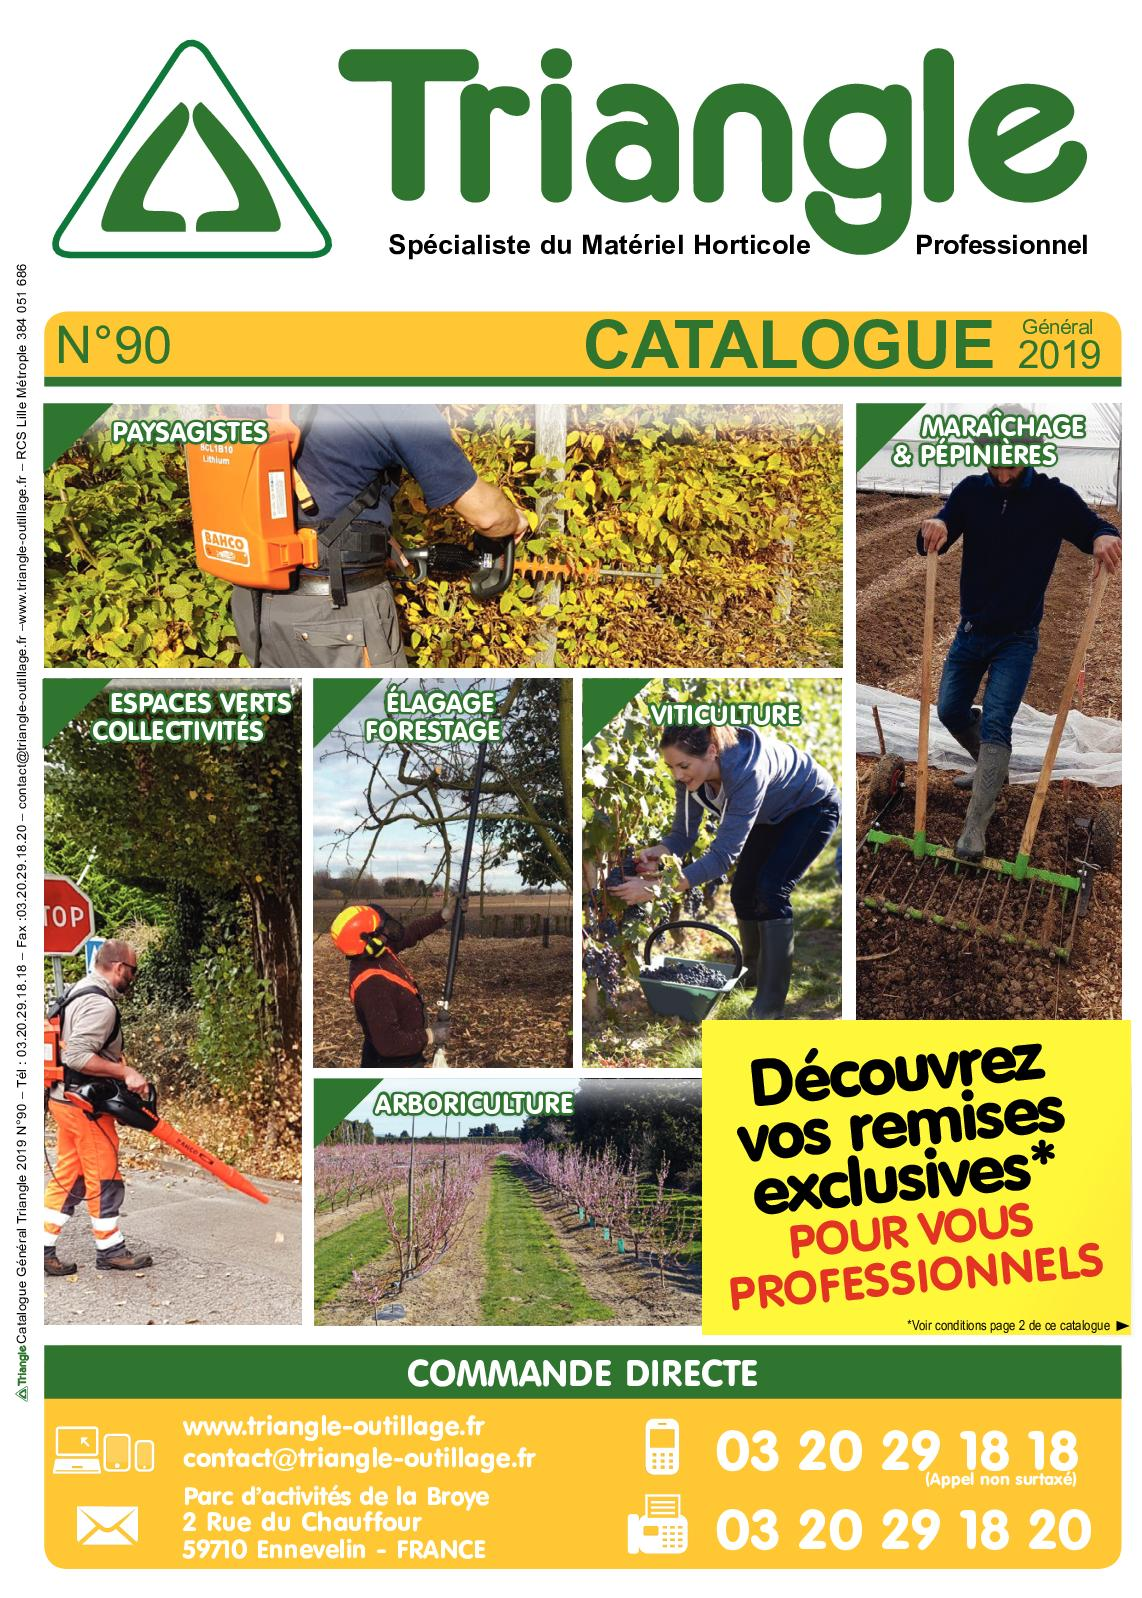 68616d5308a Calaméo - Catalogue Général Triangle Outillage N°90 - 2018